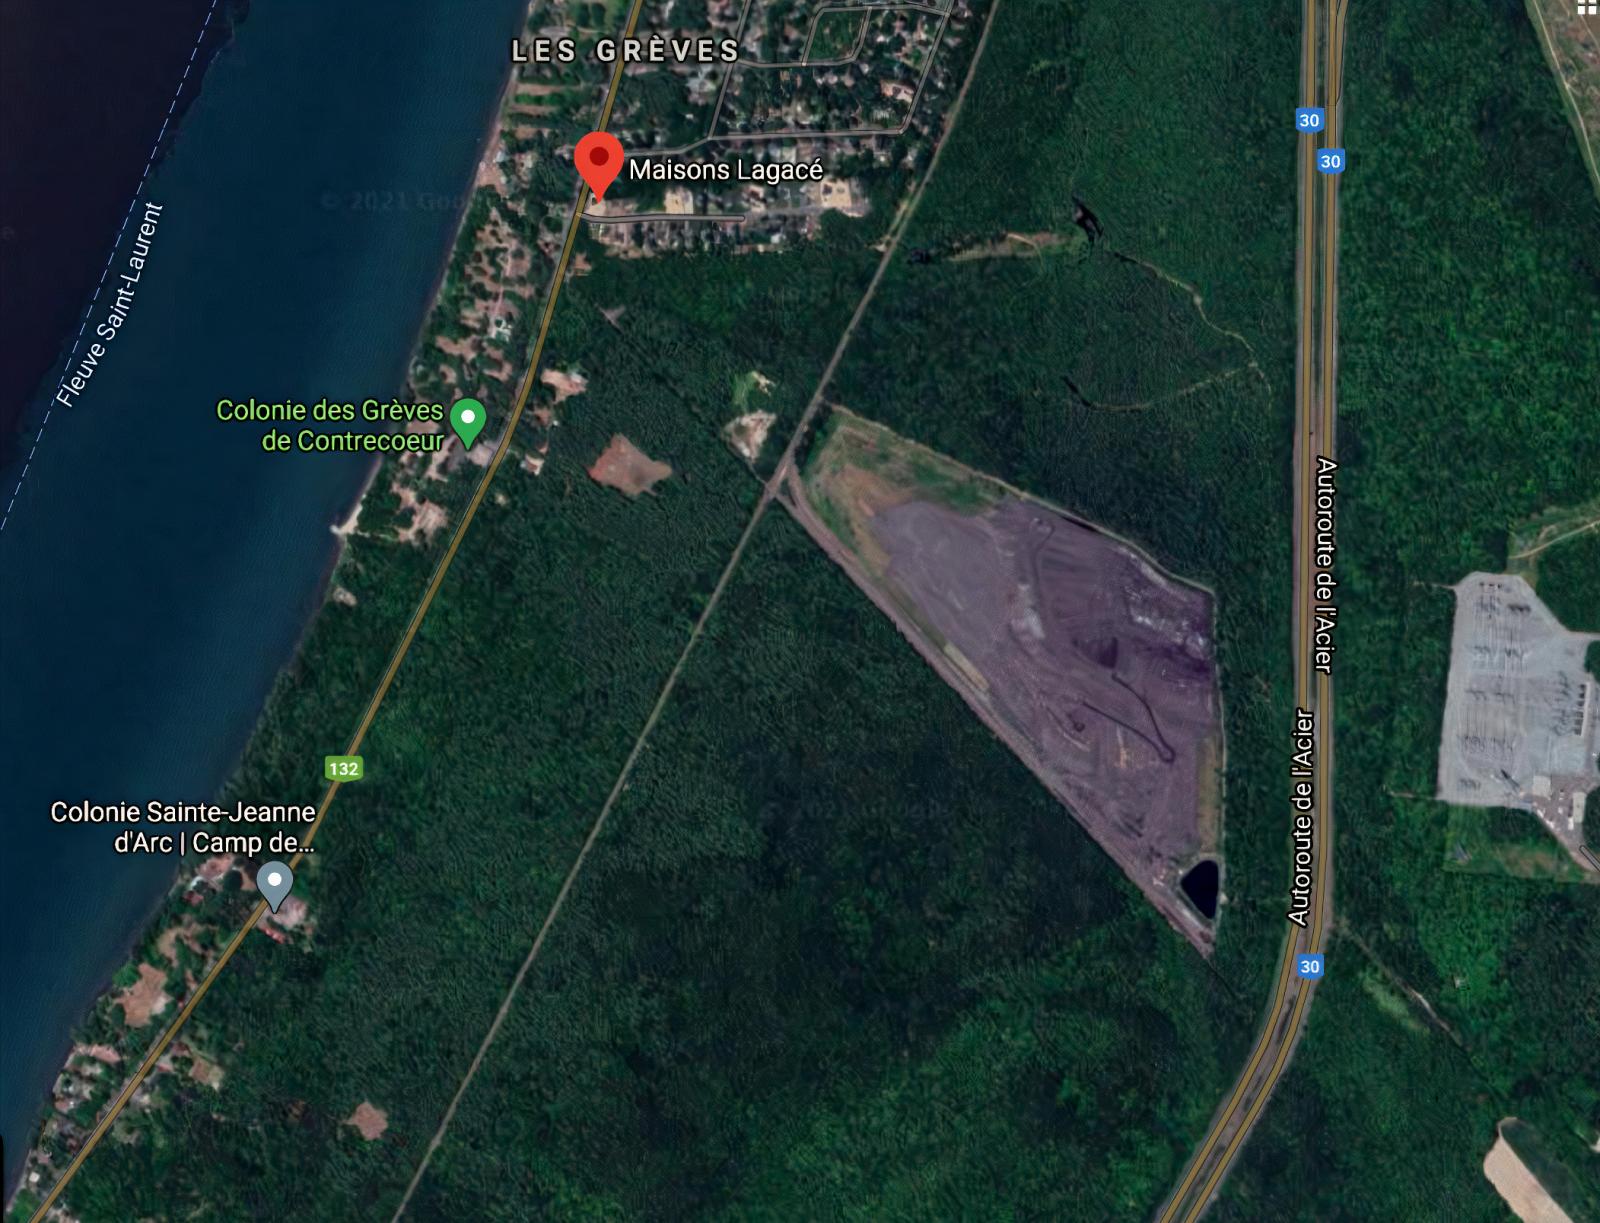 Rio Tinto Fer et Titane achète un terrain de la Colonie des Grèves